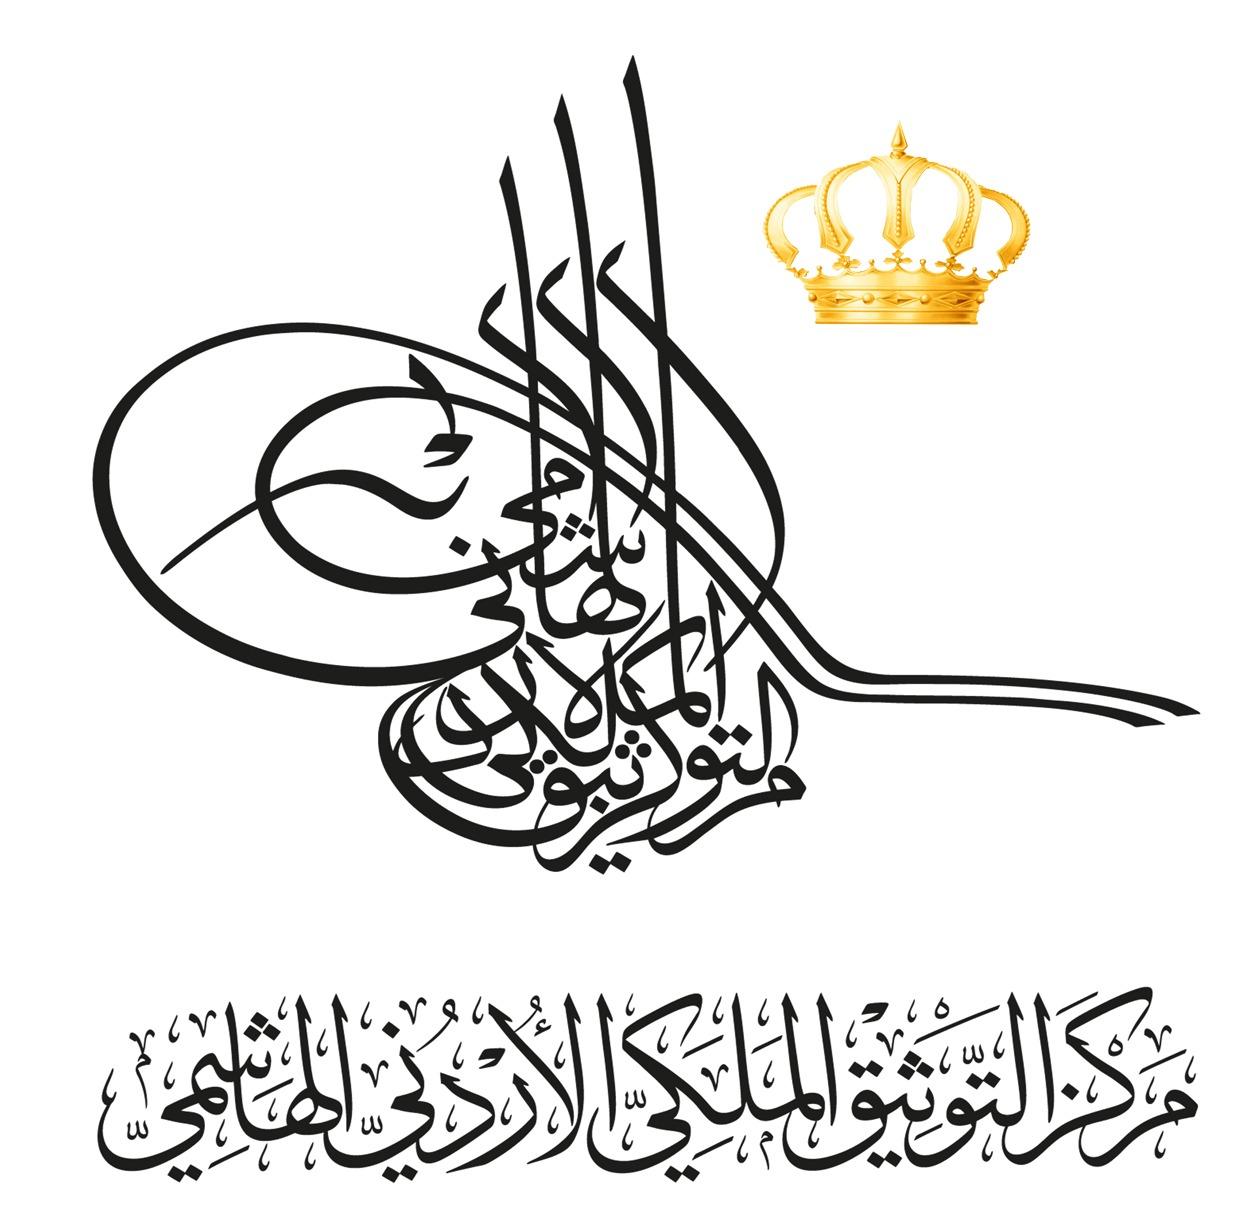 التوثيق الملكي الأردني الهاشمي ينهي الدفعة الأولى من وثائق ديوان الخدمة المدنية Alghad